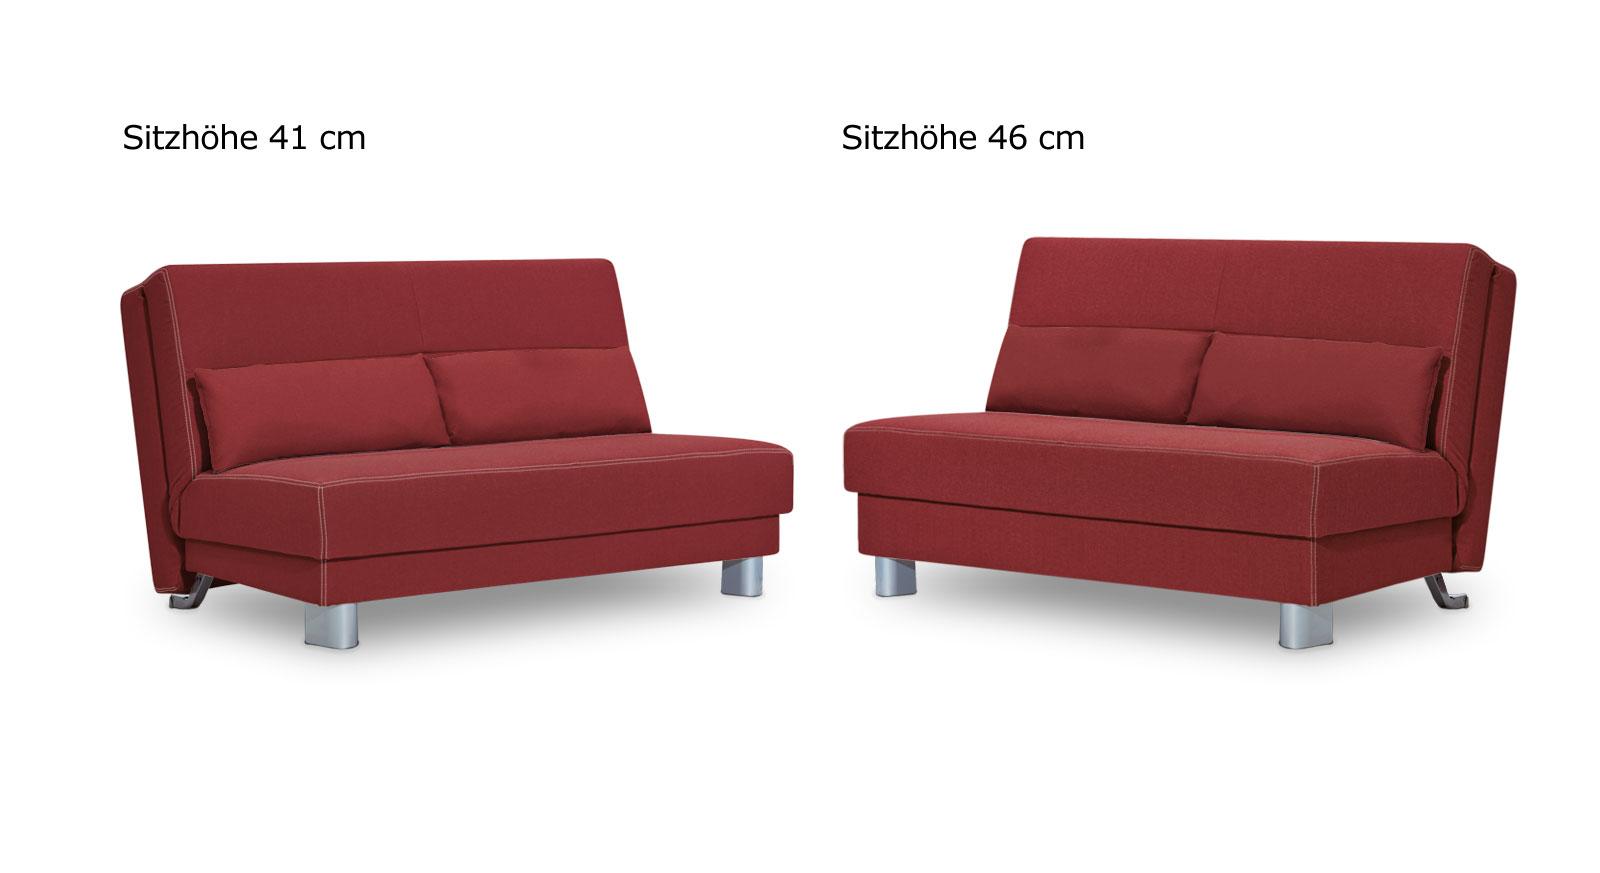 Schlafsofa Shenandoah uni in zwei Sitzhöhen.